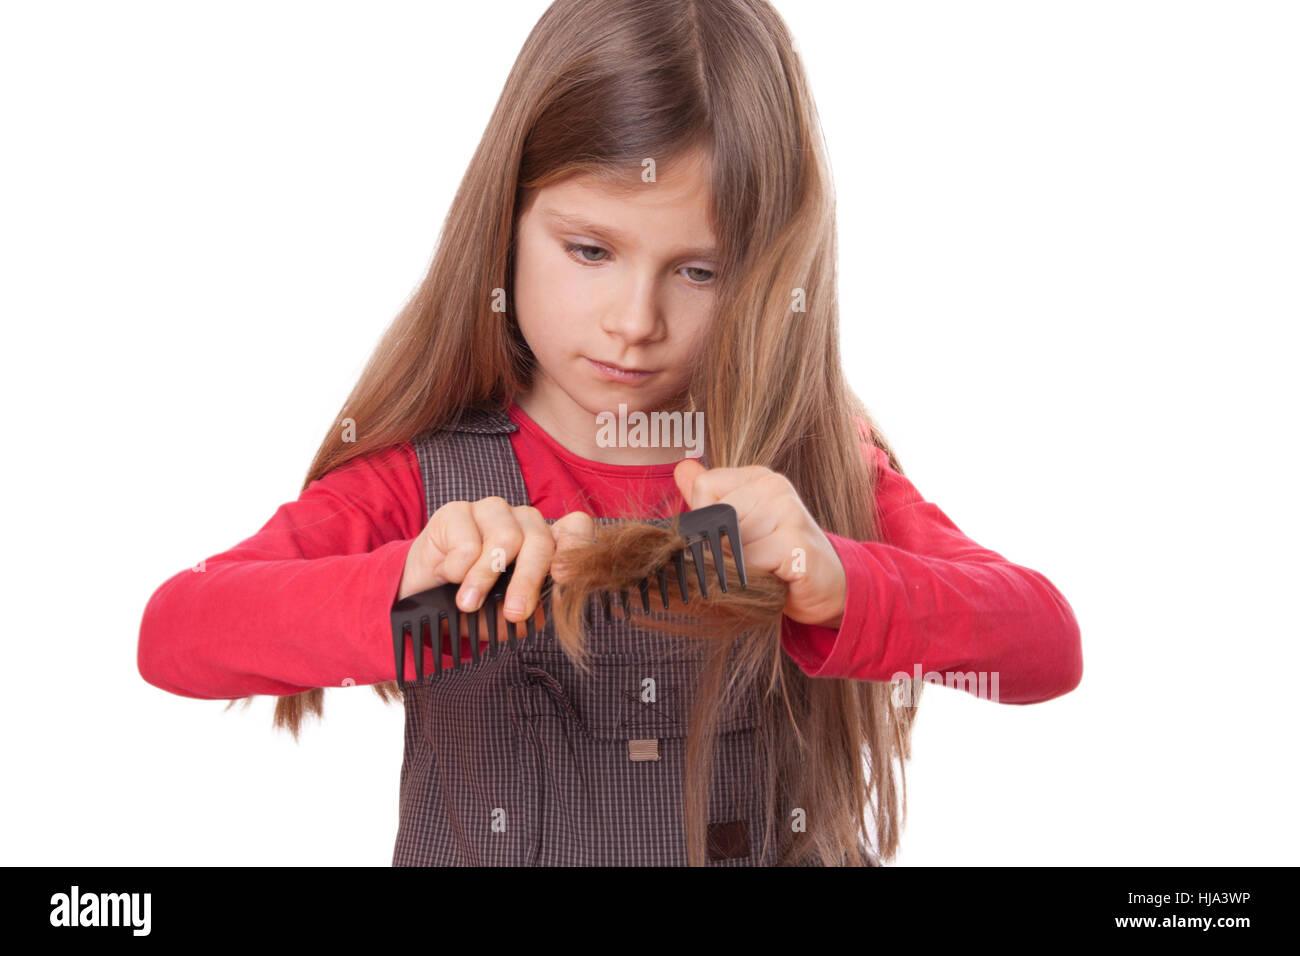 Haare Frisur Kamm Kind Kämmen Mädchen Mädchen Kinder Kinder